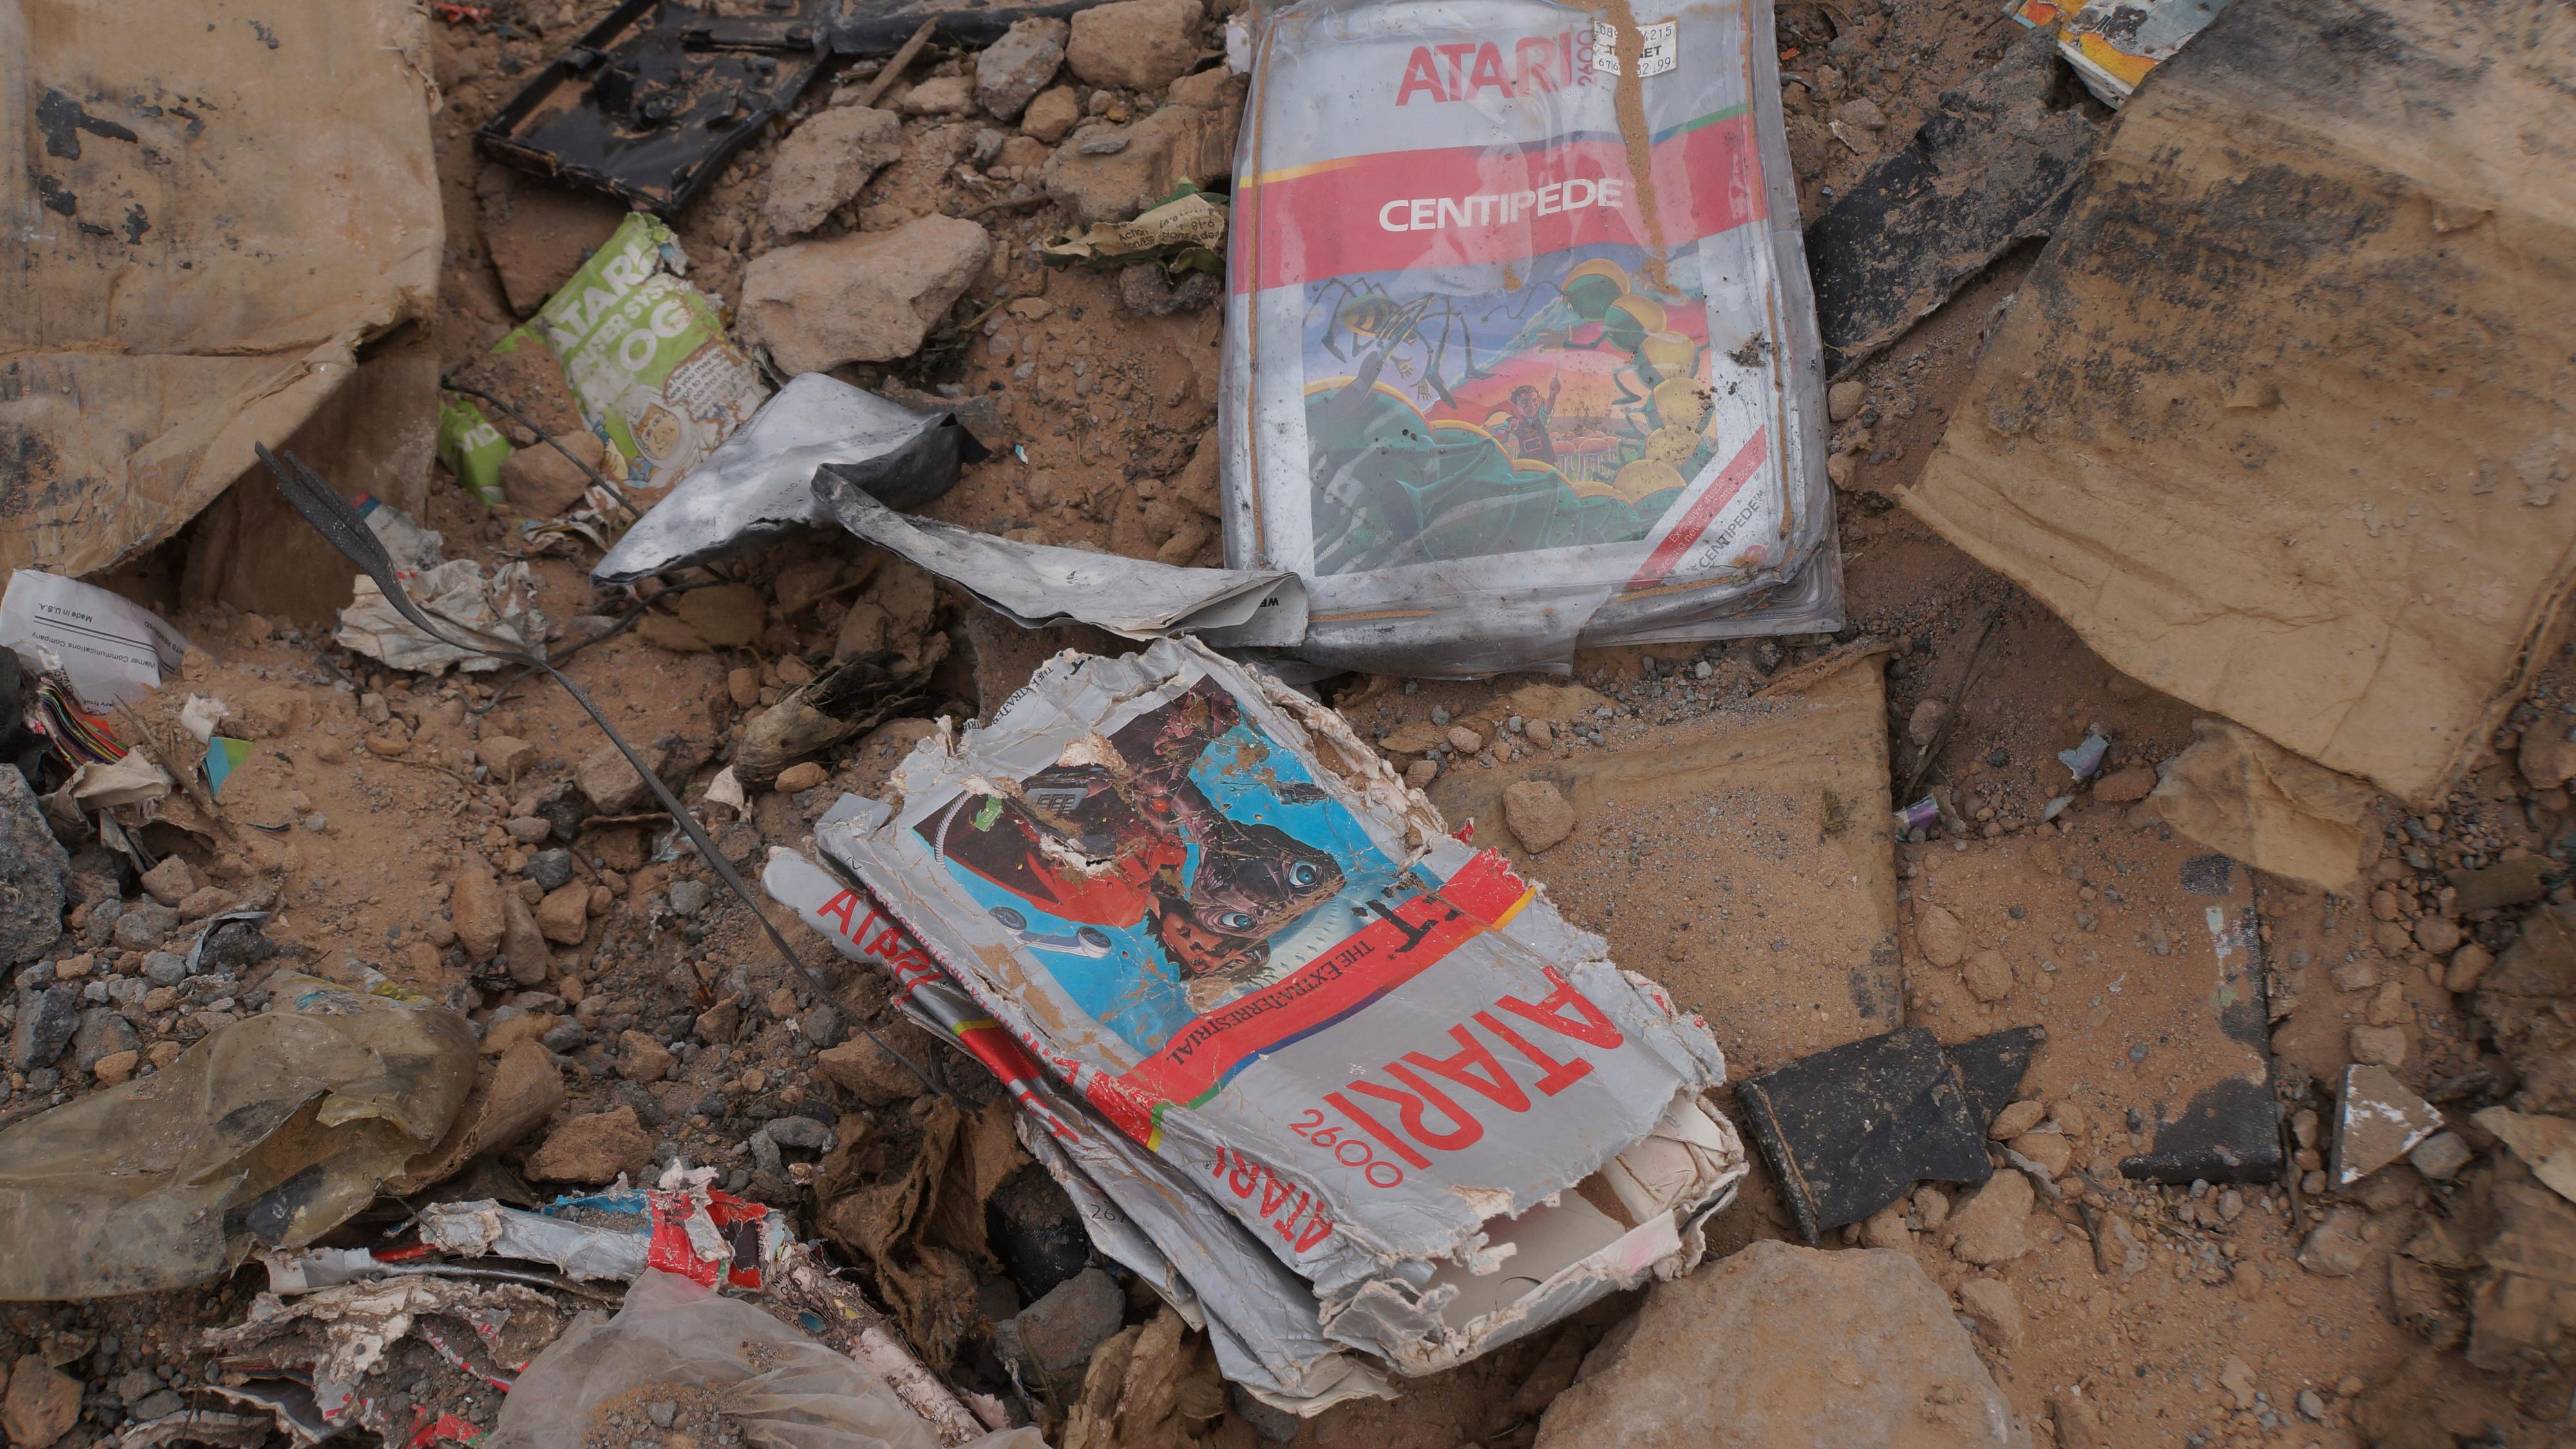 Gamle Atari-spill fra søppelfylling har solgt for nesten 1 million kroner